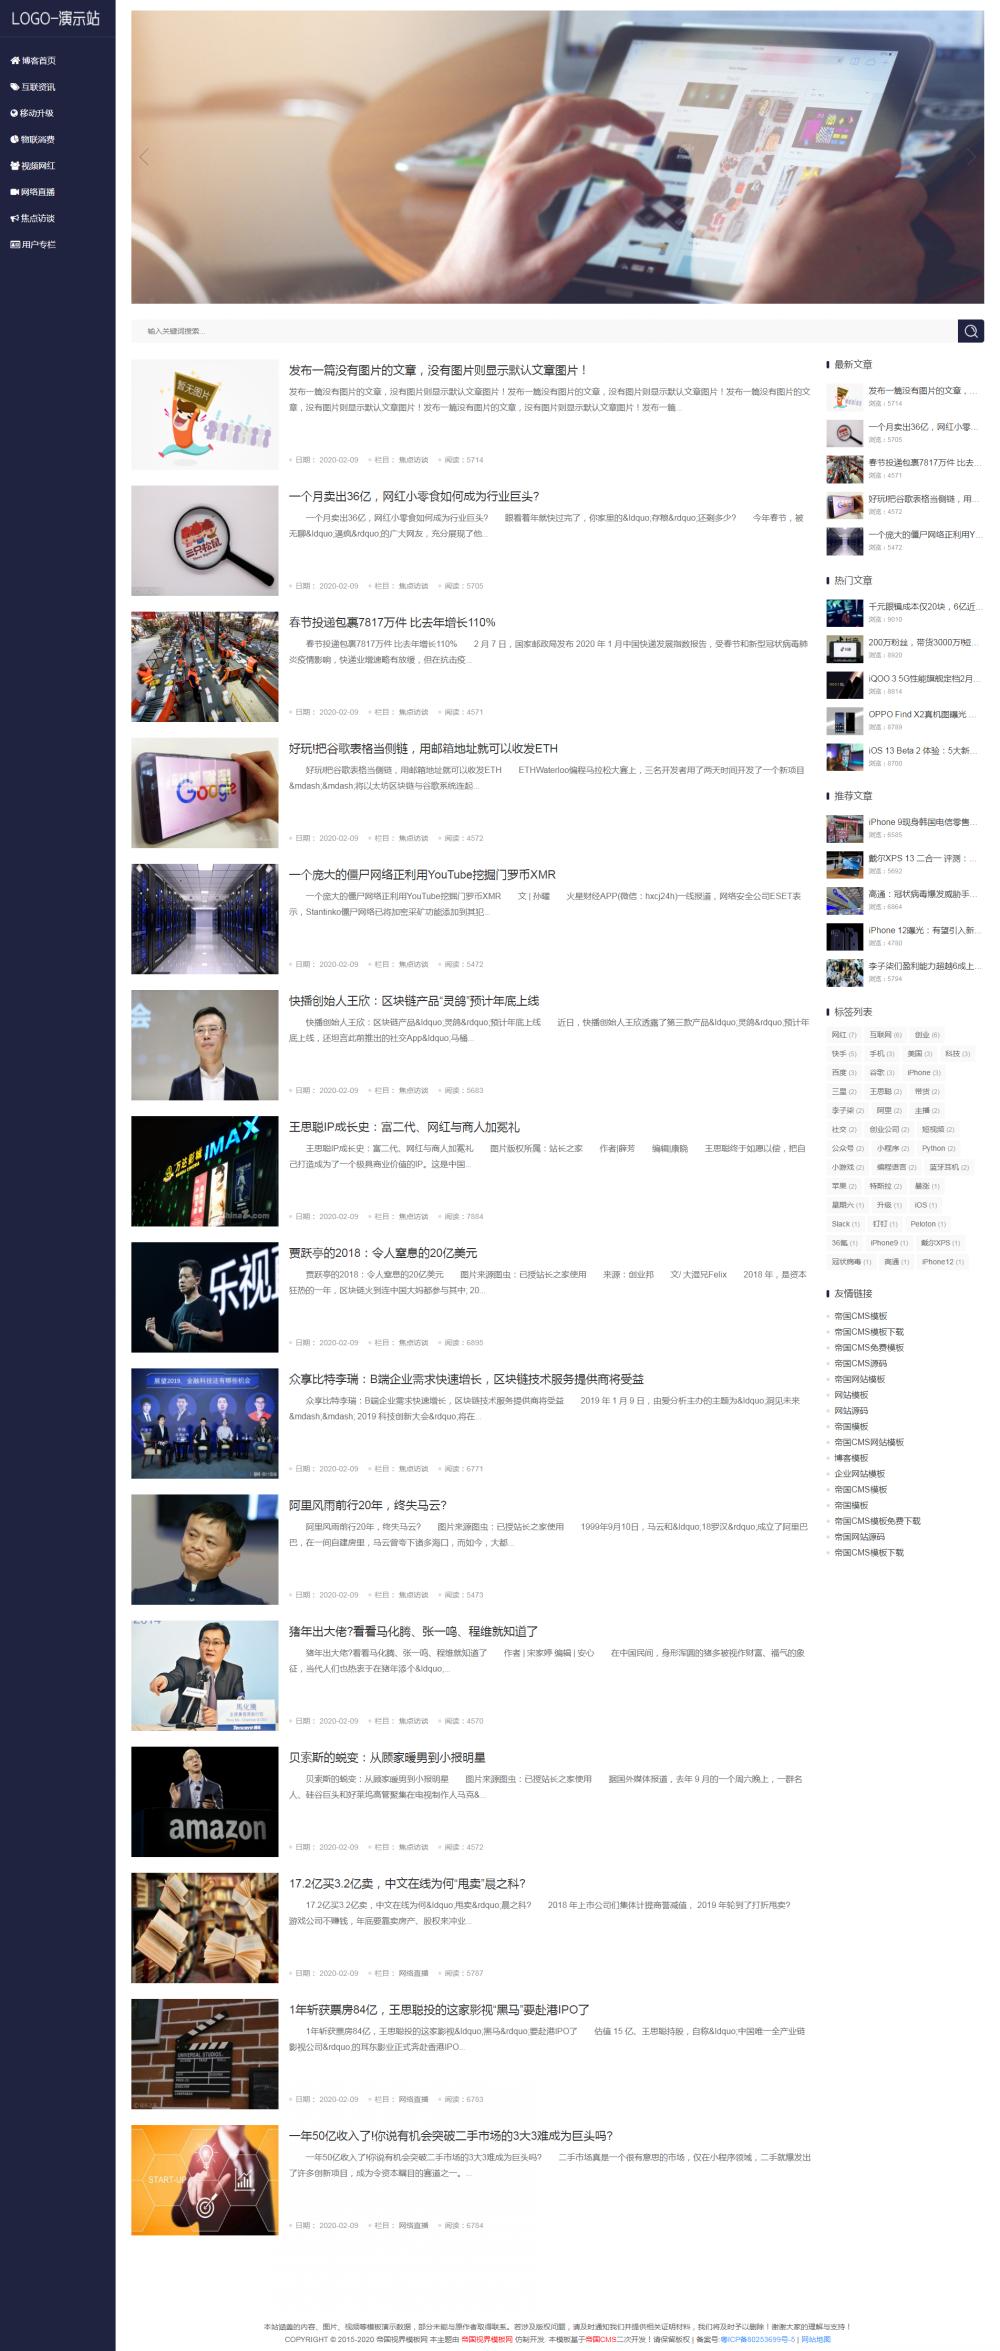 [DG-097]帝国CMS自适应博客模板,响应式个人博客文章资讯模板 [DG-097]帝国CMS自适应博客模板,响应式个人博客文章资讯模板 博客文章 第1张